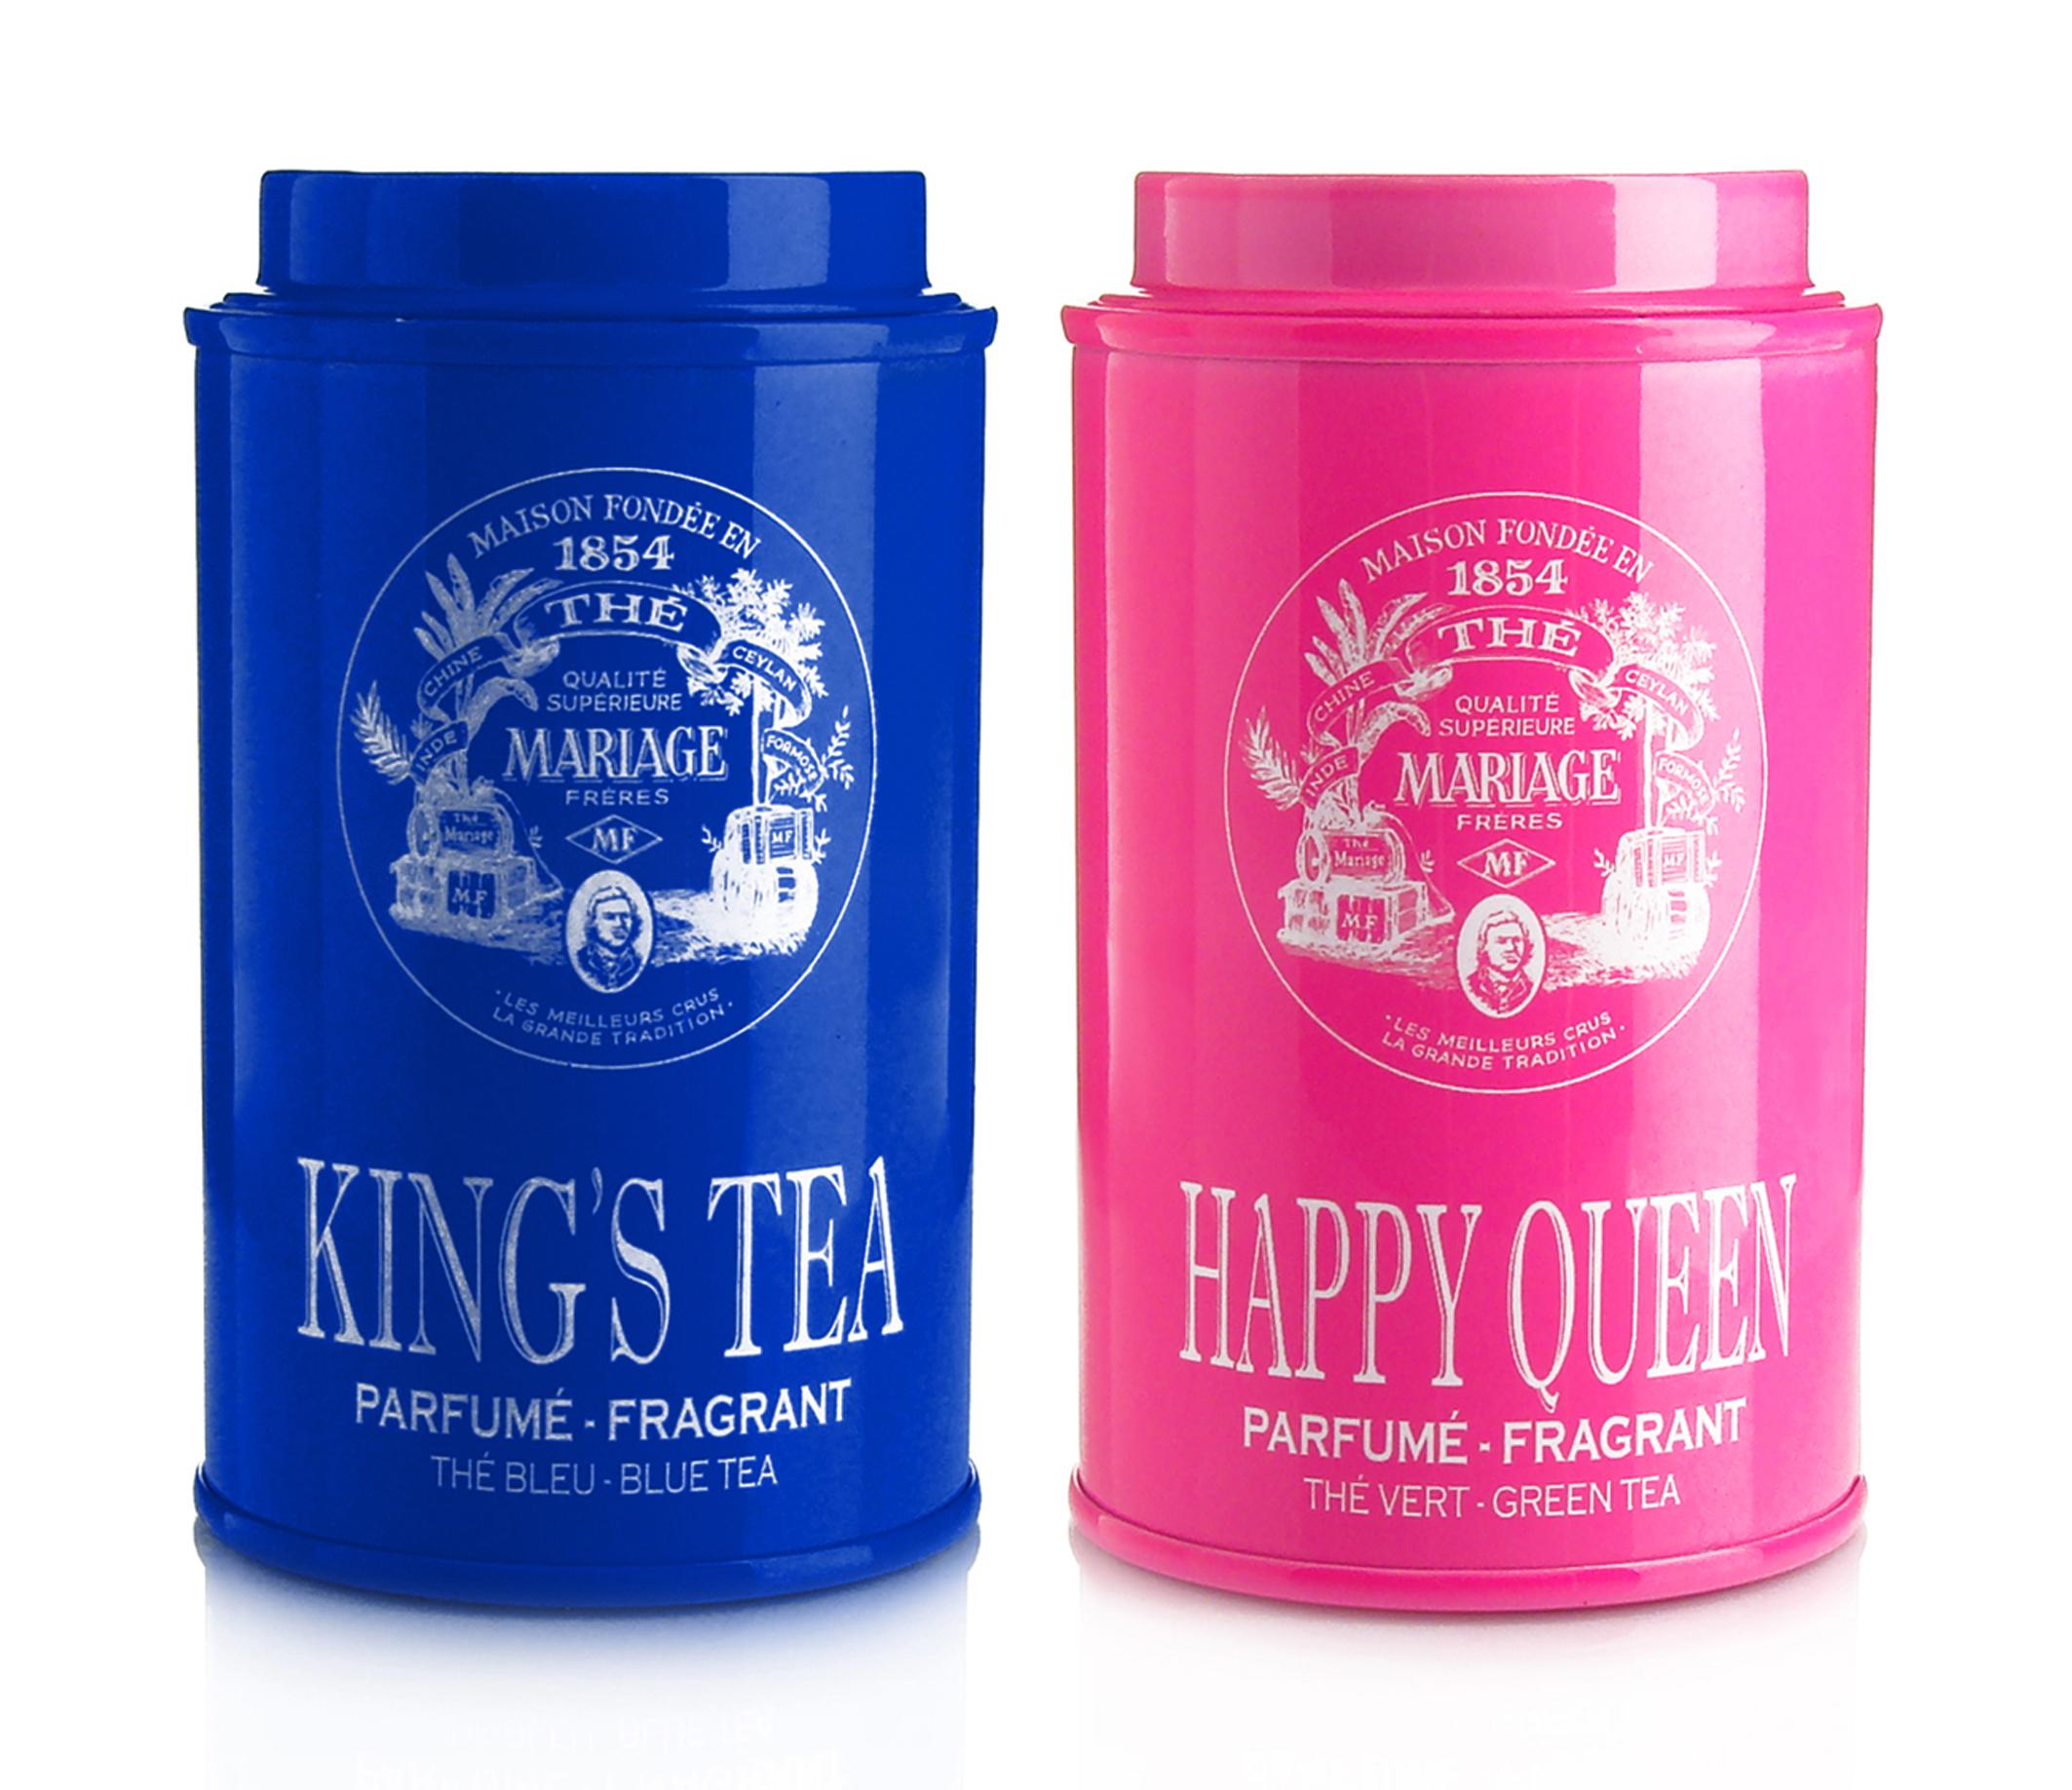 pour accompagner les galettes quoi de mieux que du th le kings tea un th bleu et le happy queen un th vert ont t crs spcialement pour - Th Mariage Frres